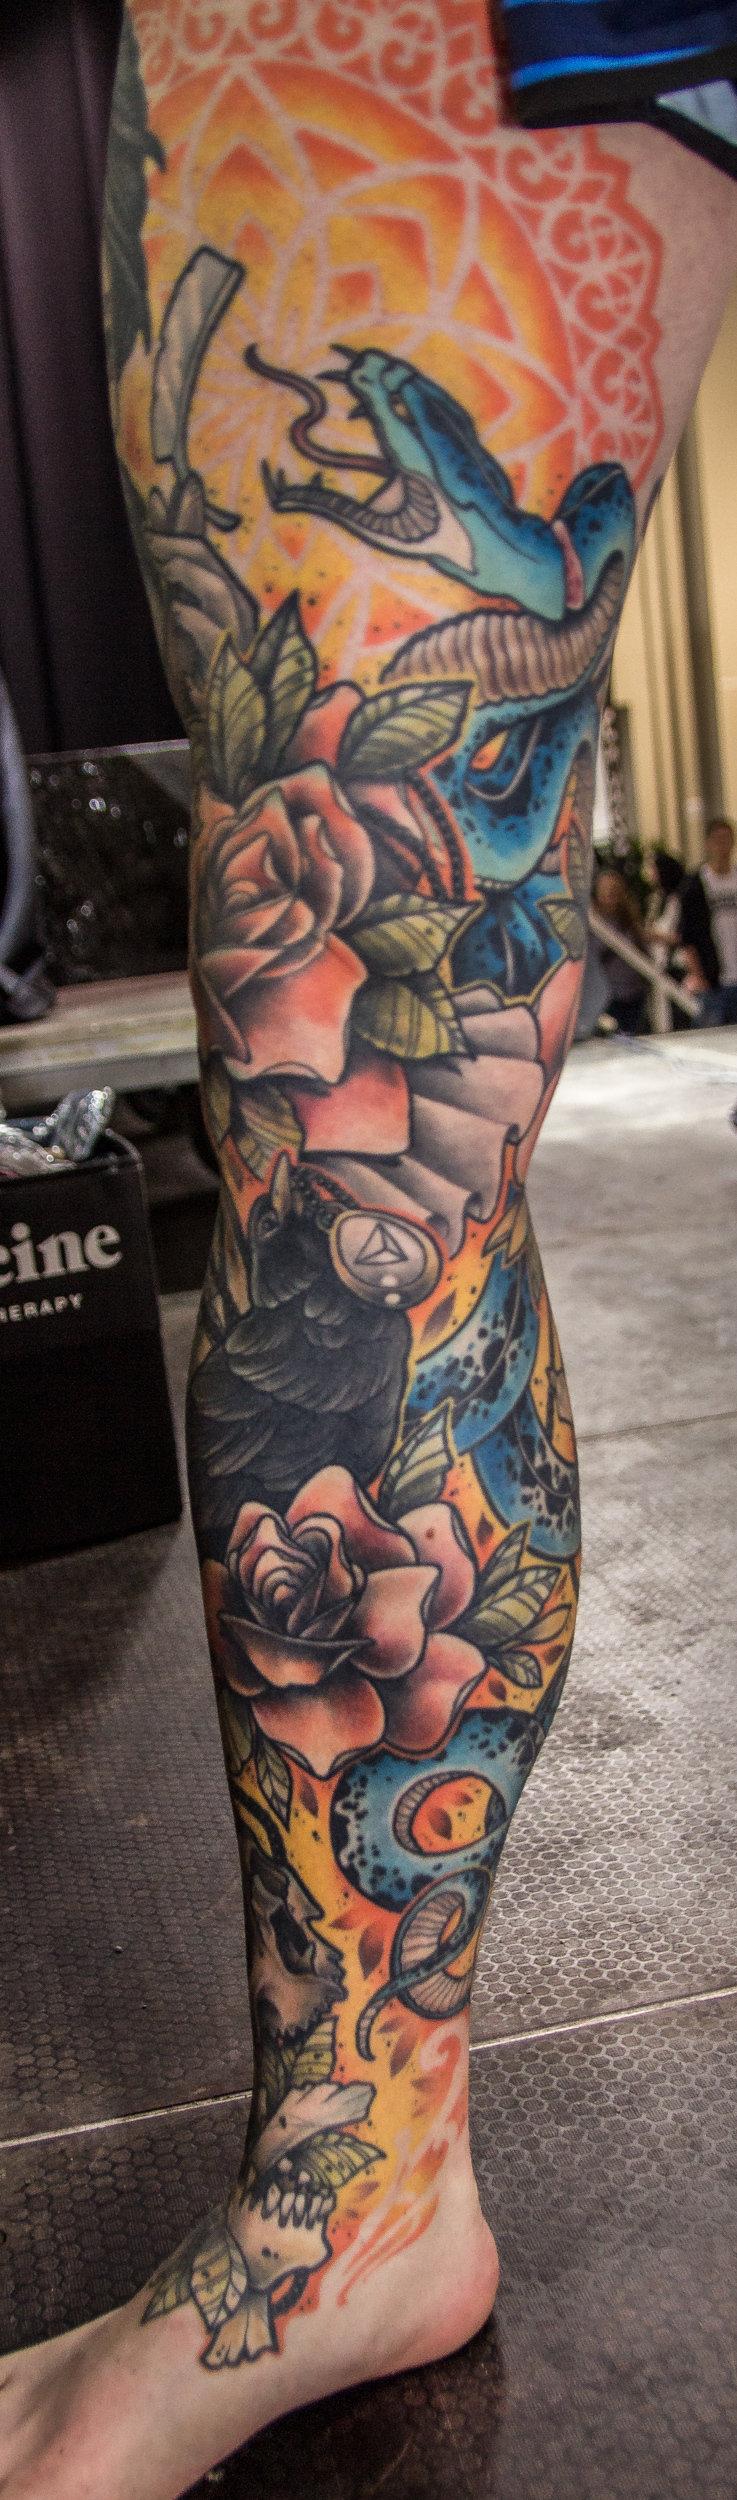 2_miejsce_Najlepszy tatuaż – neotradycyjny(2).jpg